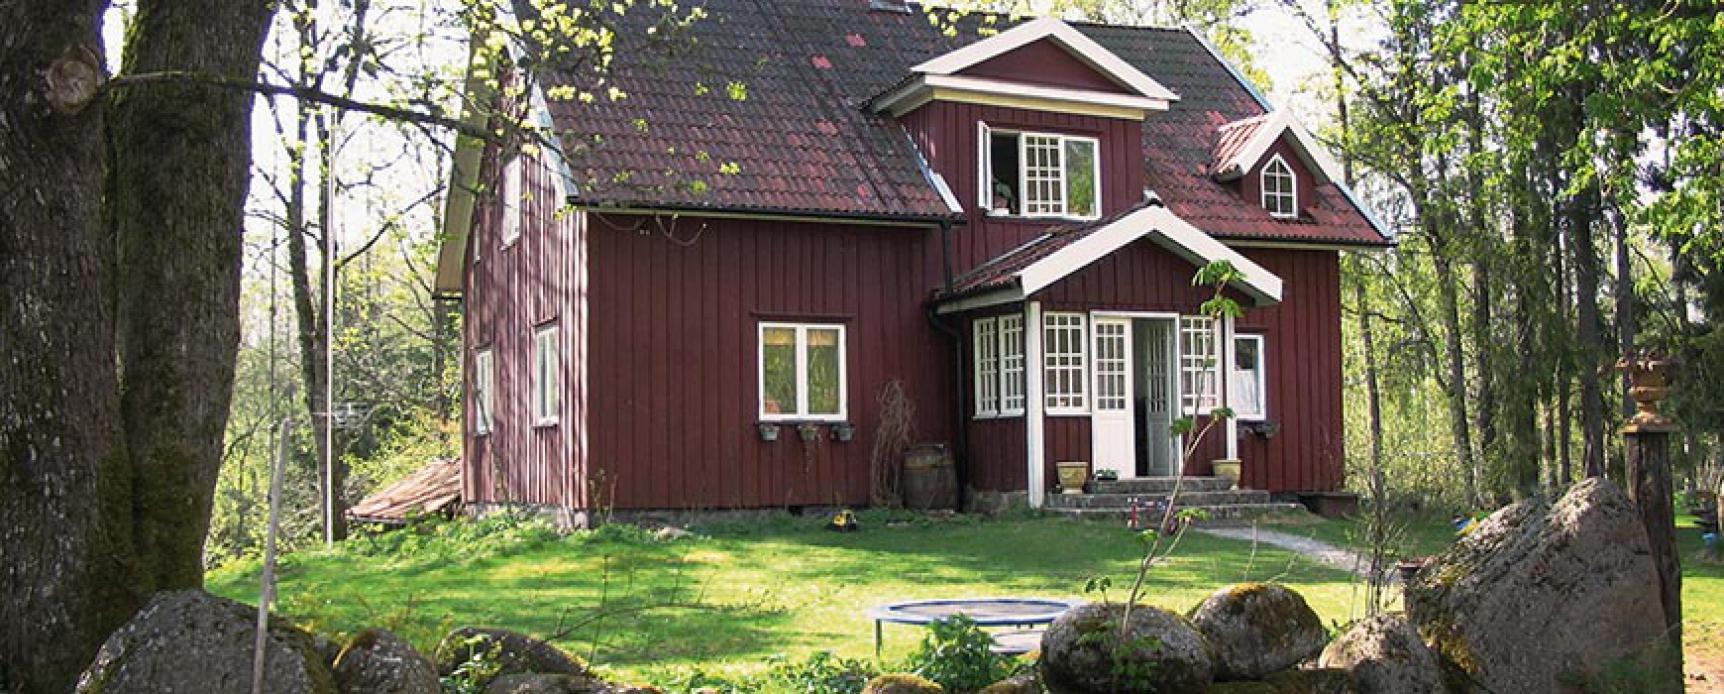 dom pomalowany farbą do drewna